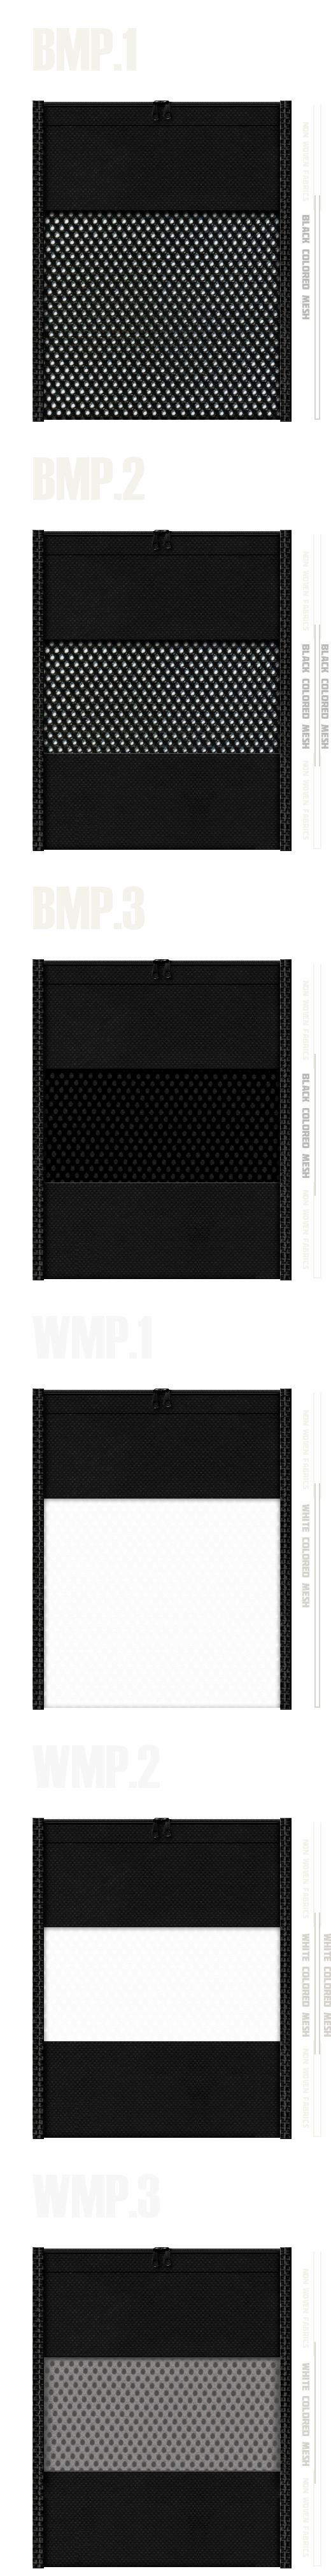 メッシュポーチのカラーシミュレーション:黒色・白色メッシュと黒色不織布の組み合わせ